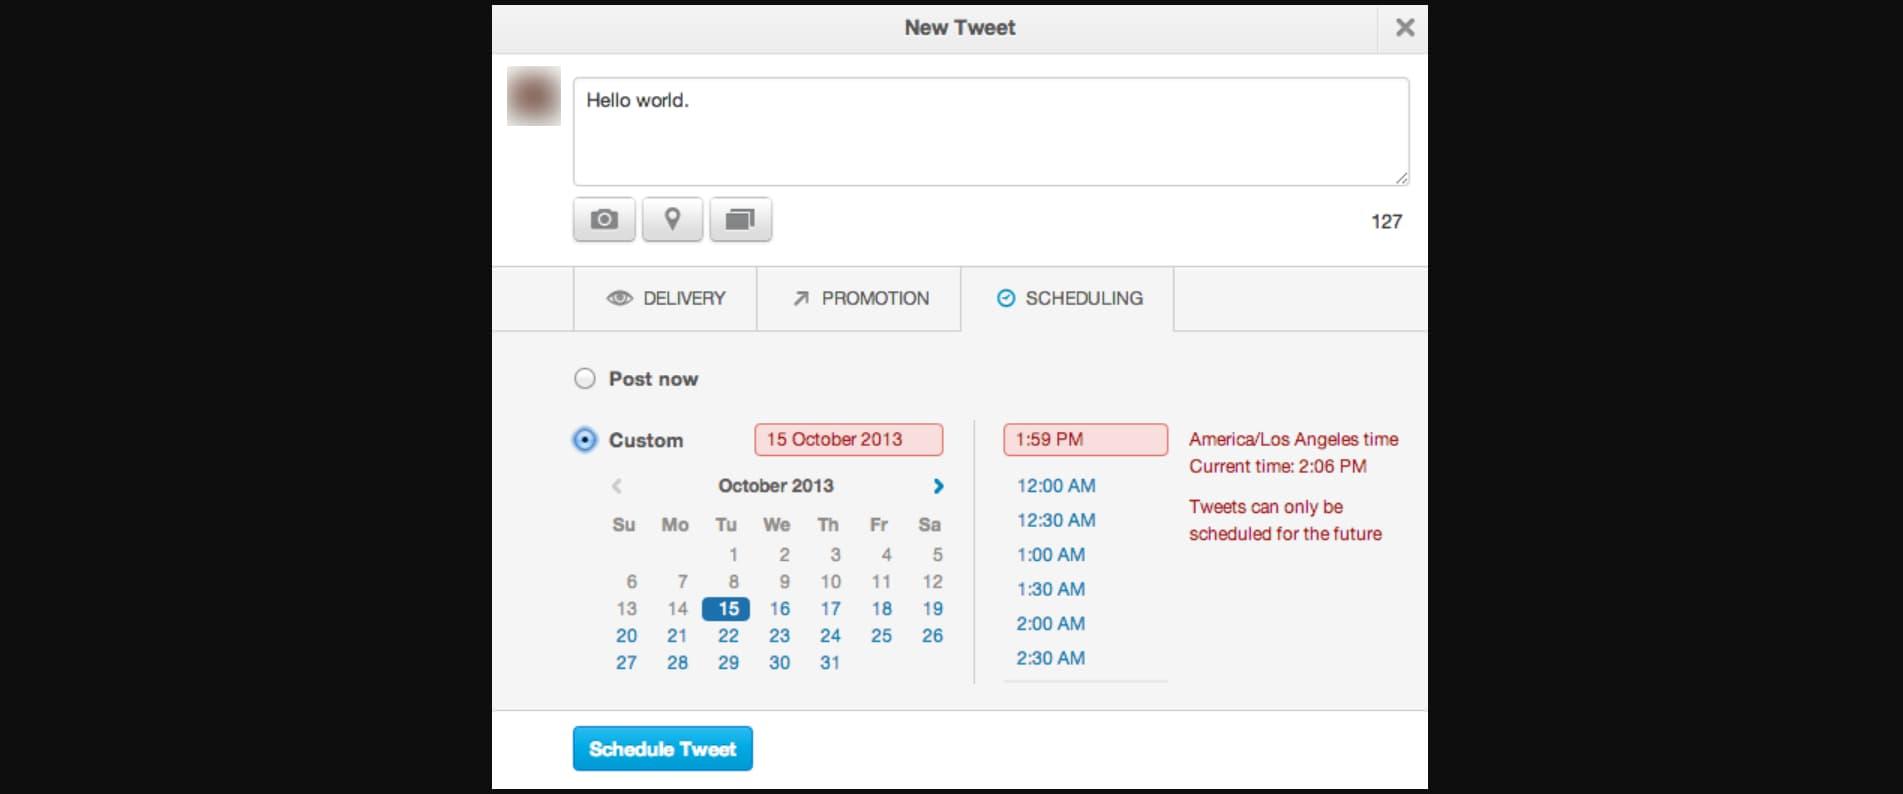 Click Schedule Tweets